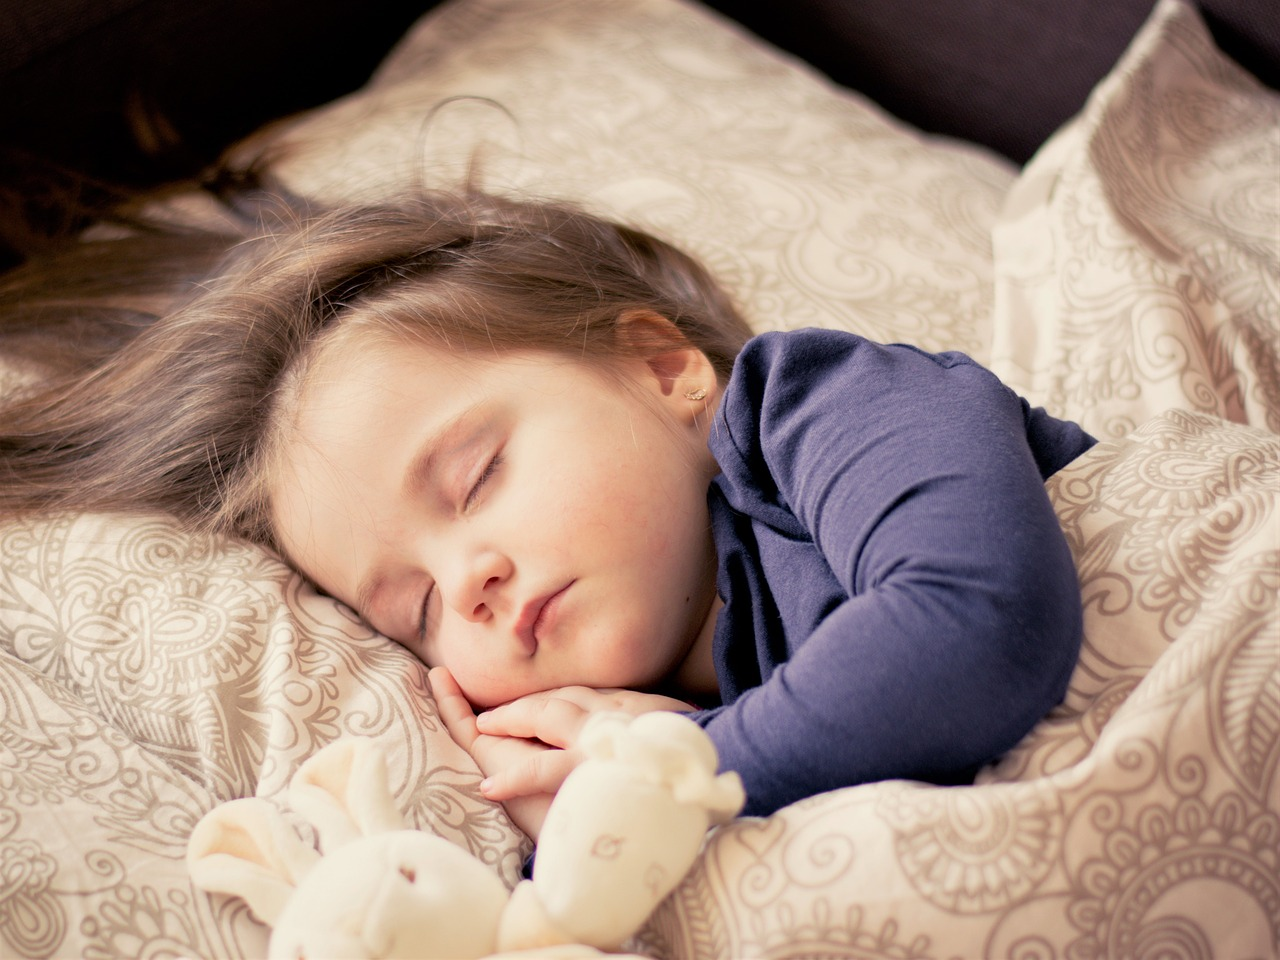 Egy kisbaba kialvatlan szülőket eredményez – ebből azonban akár szívprobléma is lehet!